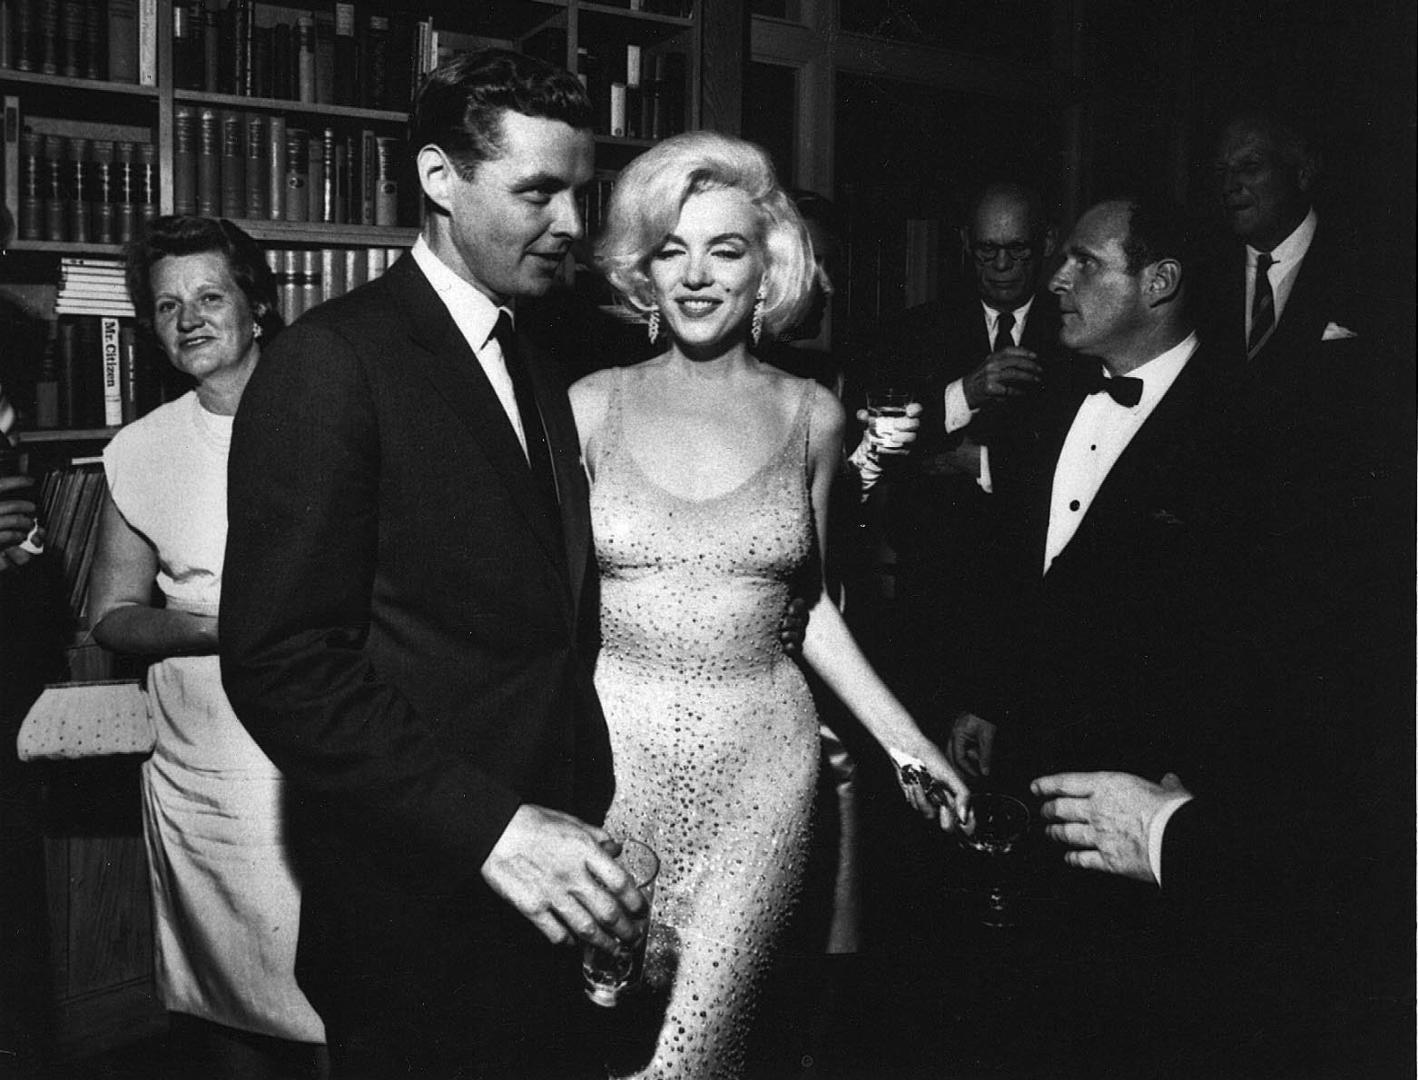 Hallan La Secuencia Del Desnudo De Marilyn Monroe En Vidas Rebeldes